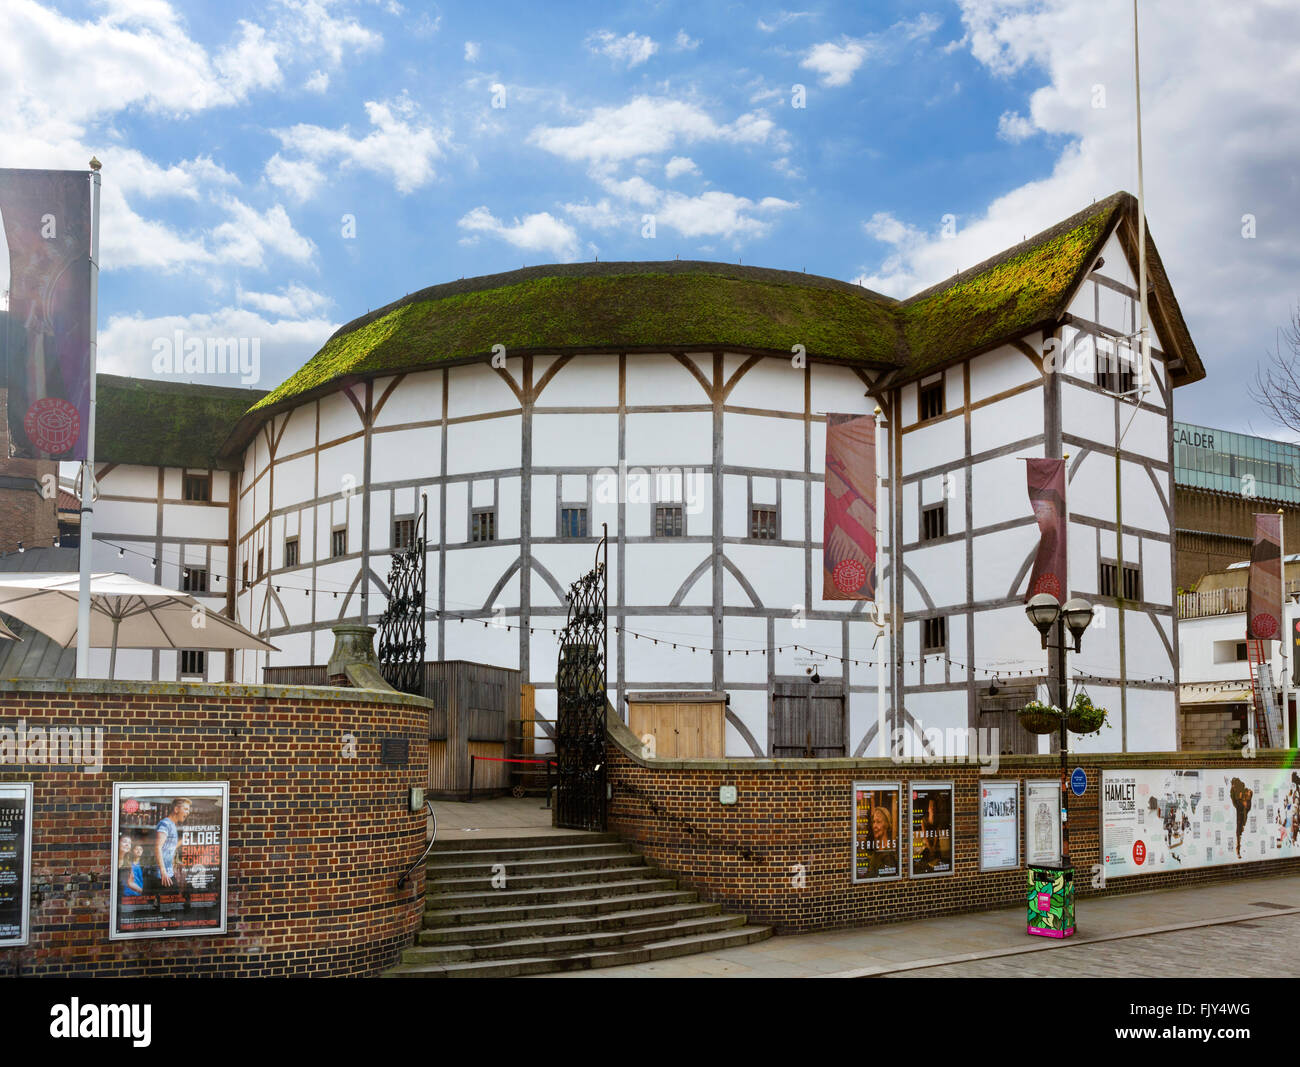 El Shakespeare's Globe Theatre en la orilla sur del río Támesis, en Southwark, Londres, Inglaterra, Reino Unido. Foto de stock